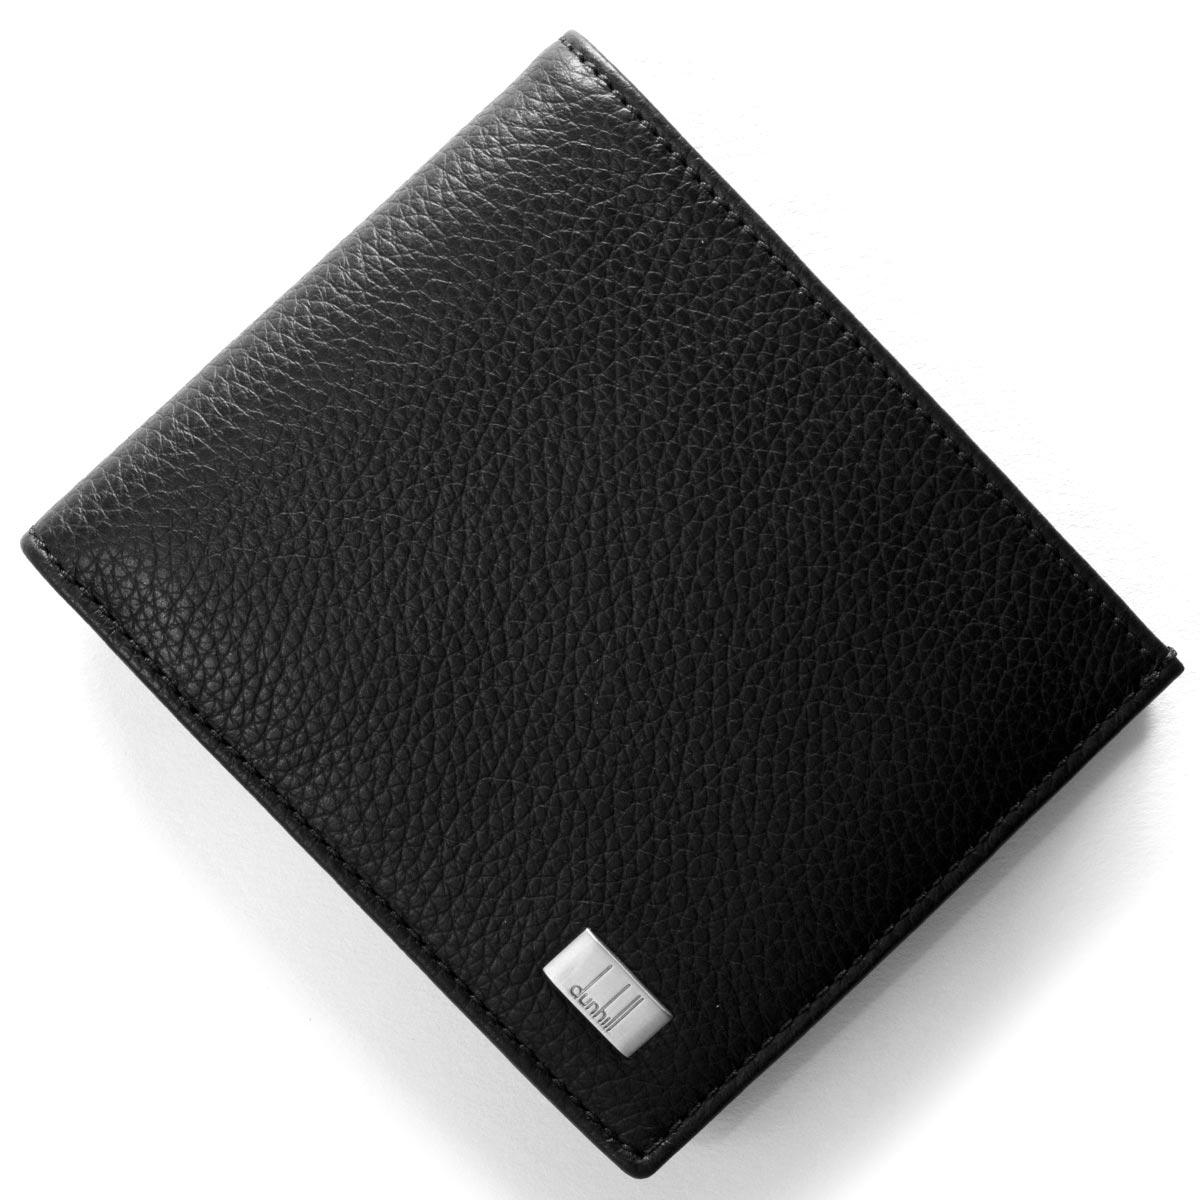 78ba76b524f5 ダンヒル DUNHILL 二つ折り財布 アボリティーズ AVORITIES ブラック L2R932 A メンズ